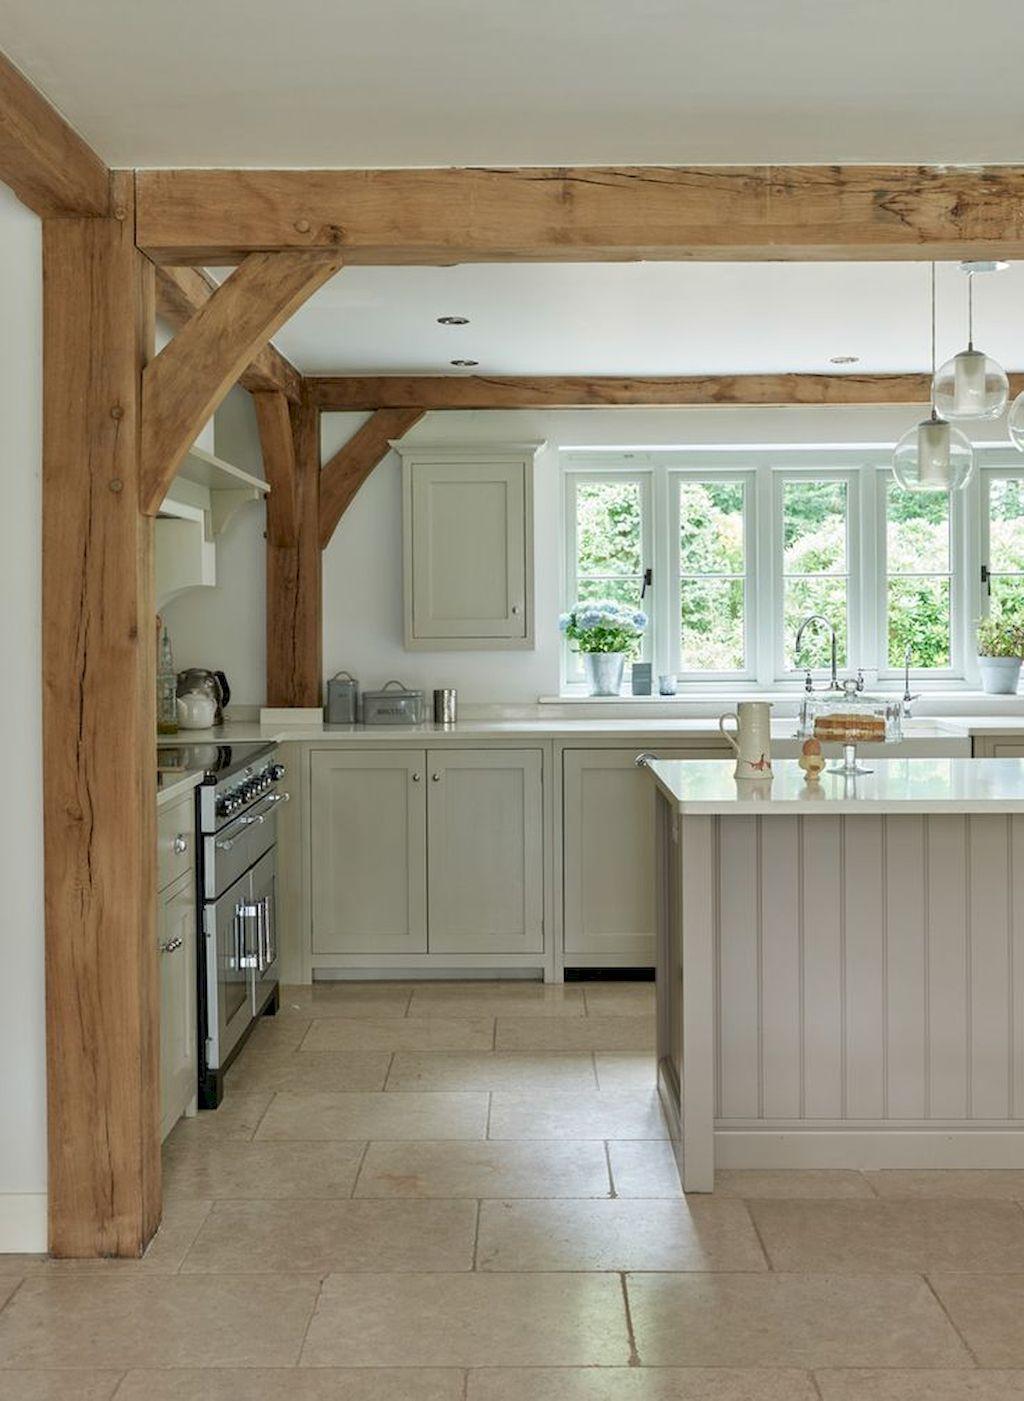 26 Fobulous Farmhouse Country Kitchen Decor and Design ...